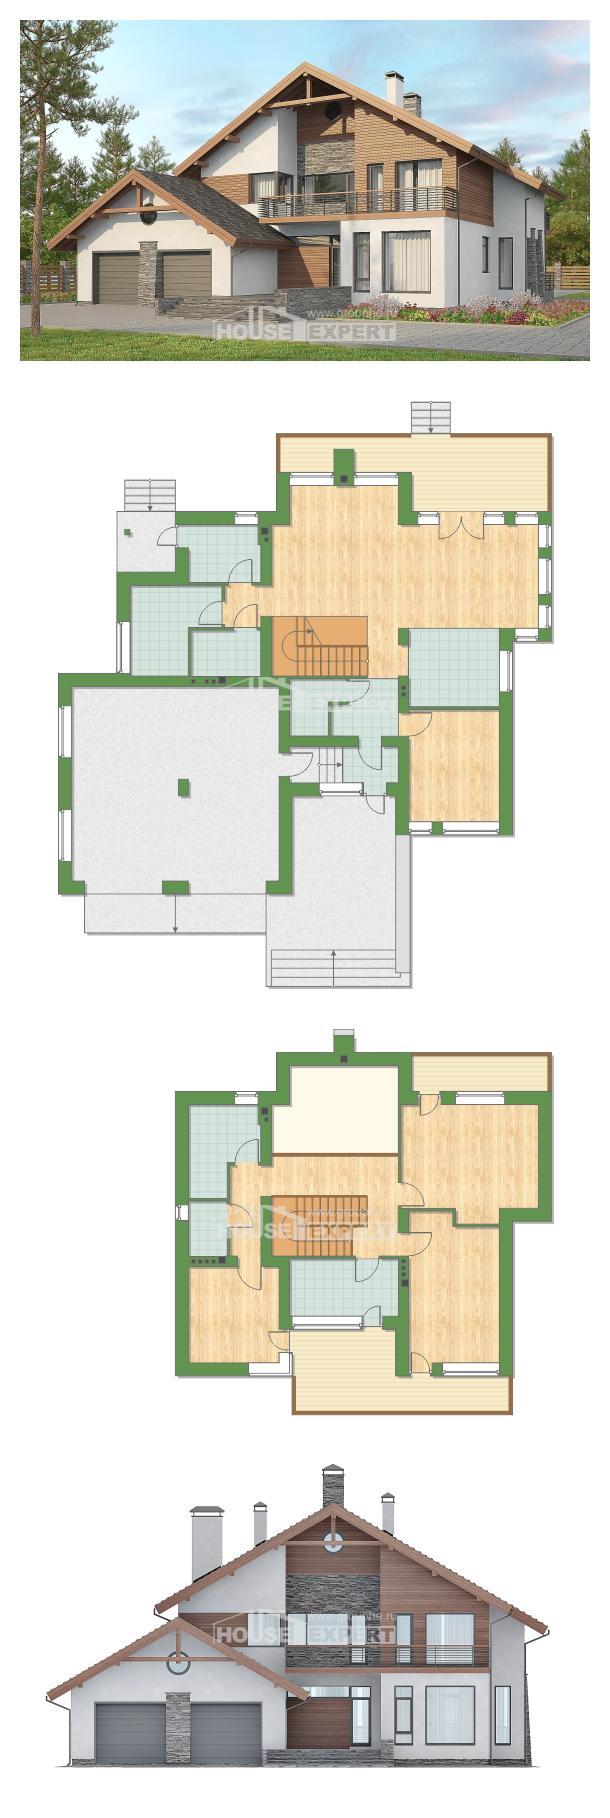 خطة البيت 270-003-L | House Expert